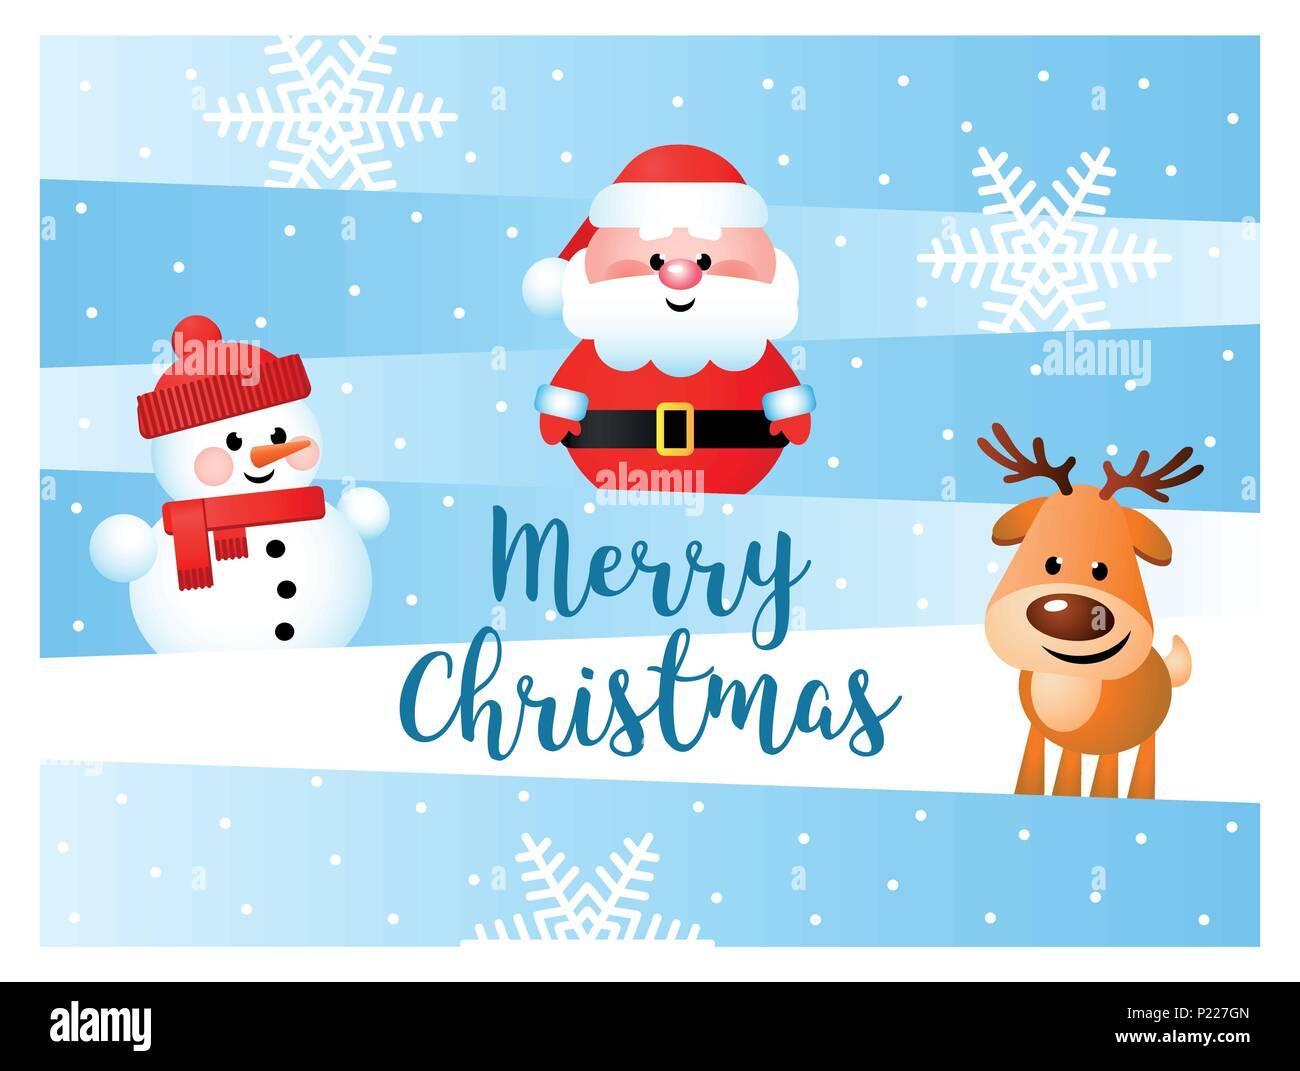 Felicitaciones De Navidad 2019 Animadas.Feliz Navidad Tarjeta De Felicitacion Con Divertidos